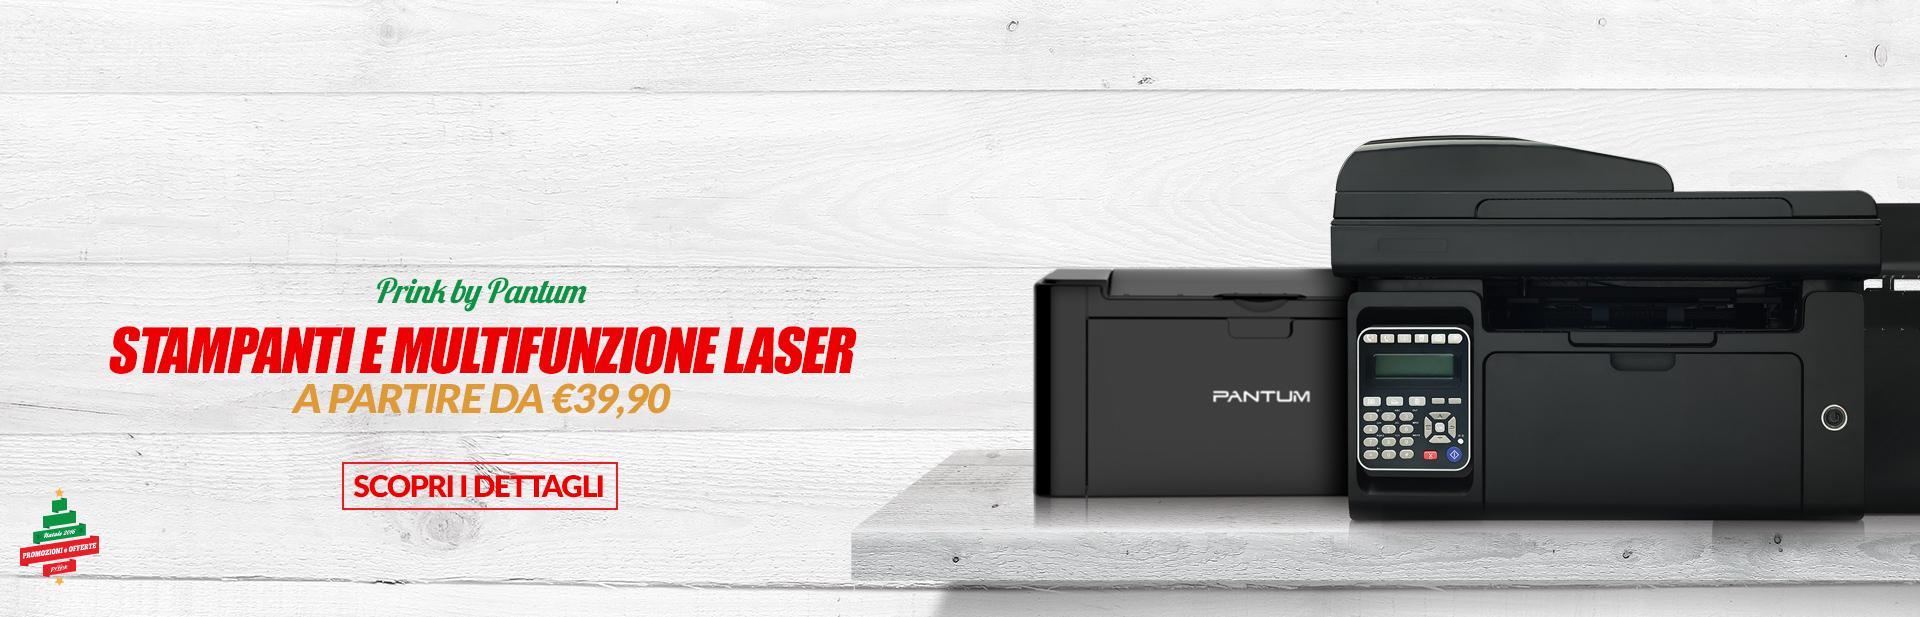 stampanti-laser-Prink-in-promozione-SL